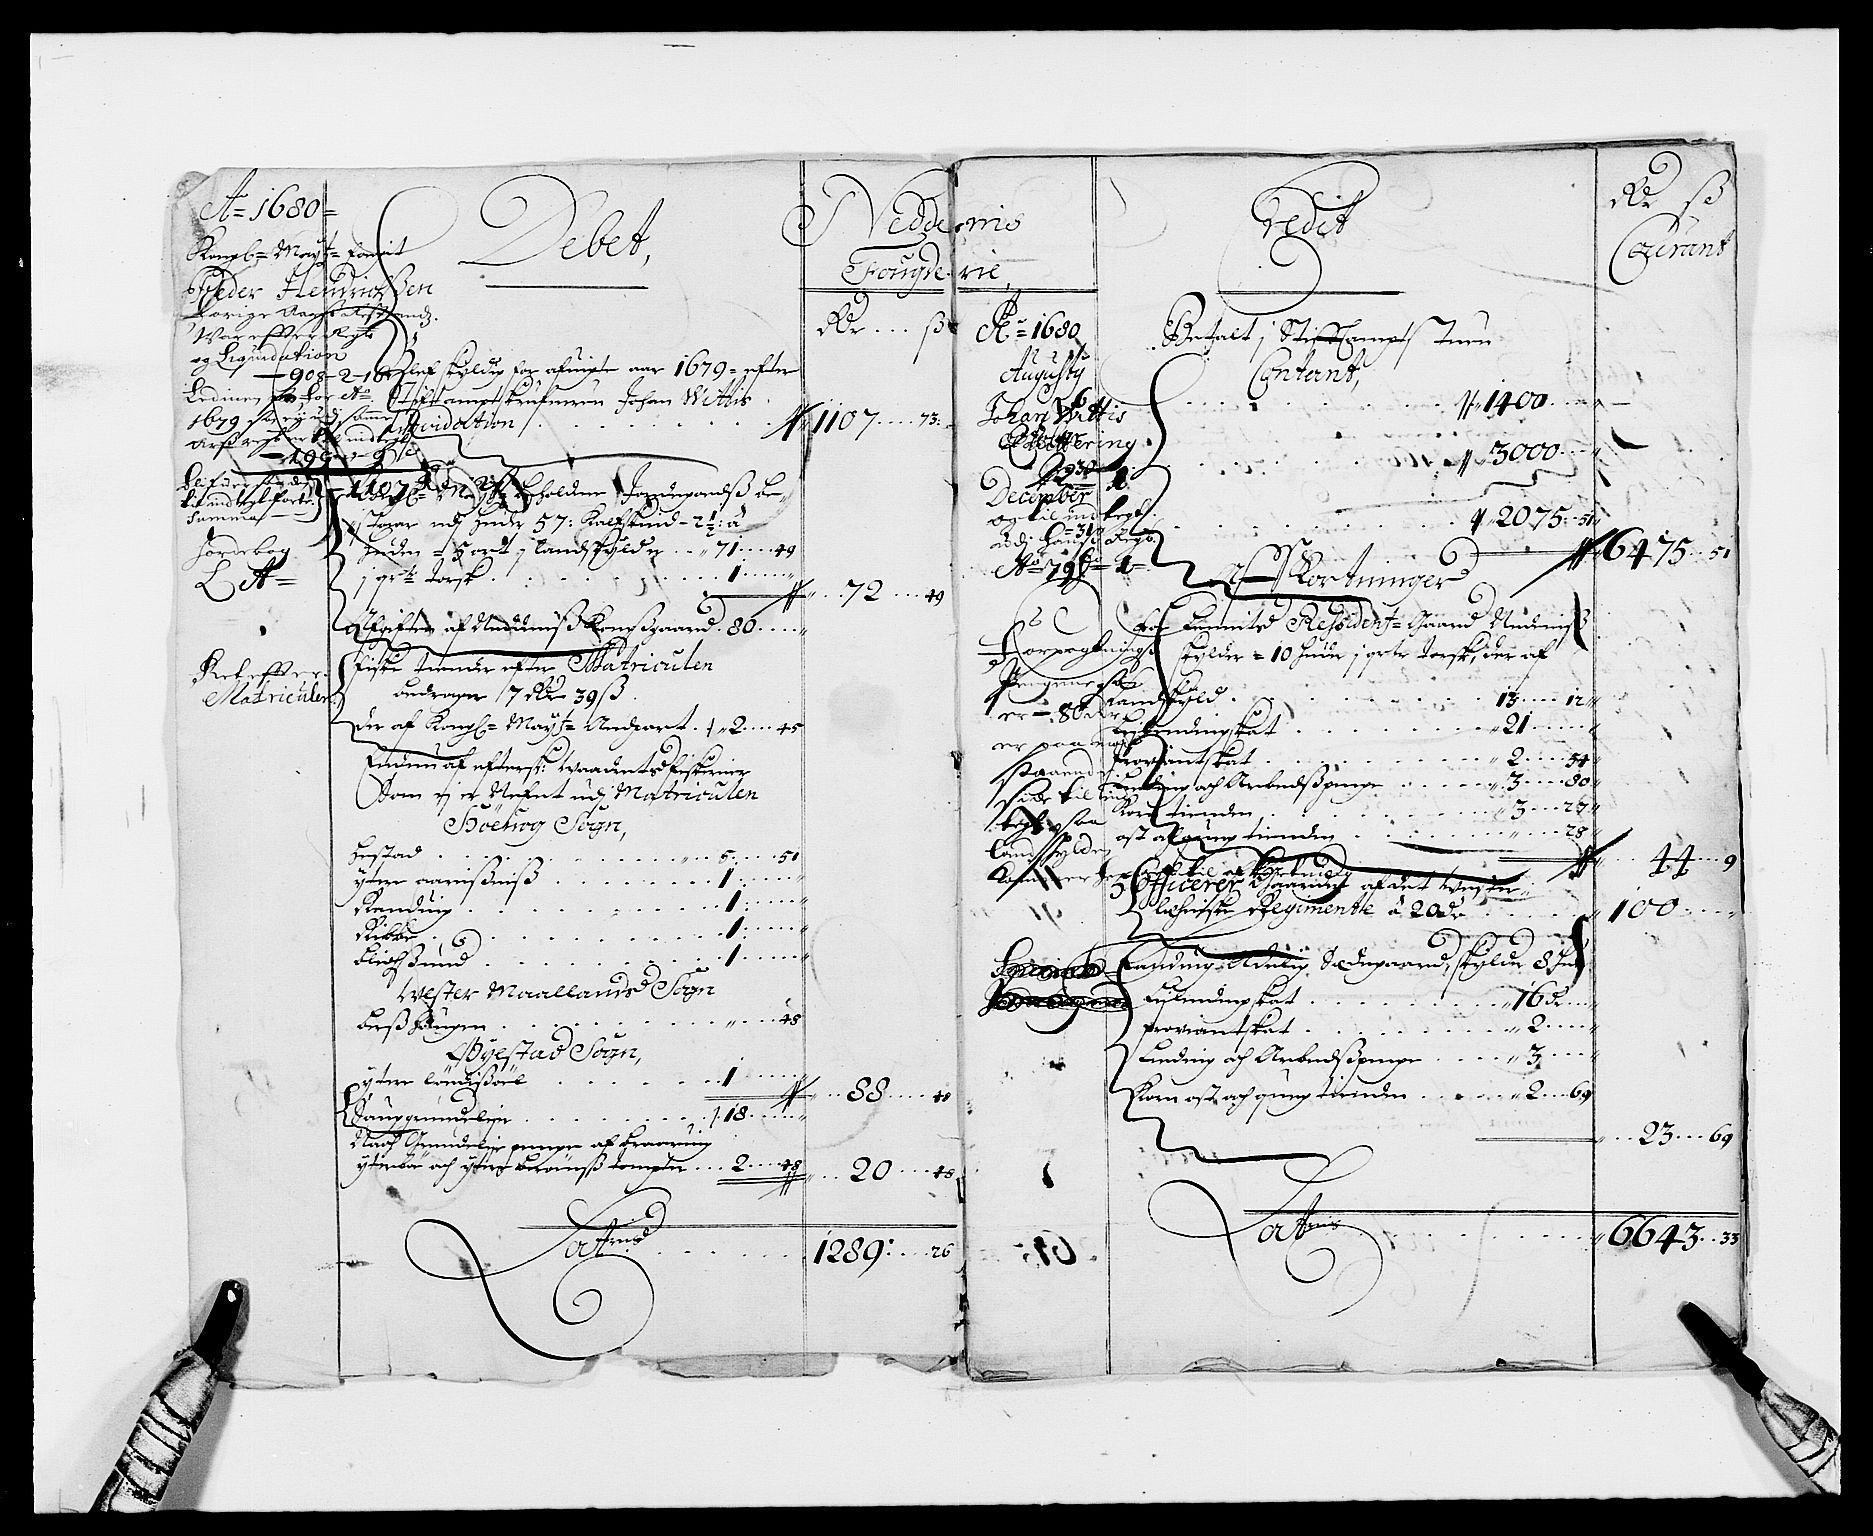 RA, Rentekammeret inntil 1814, Reviderte regnskaper, Fogderegnskap, R39/L2306: Fogderegnskap Nedenes, 1680-1683, s. 3